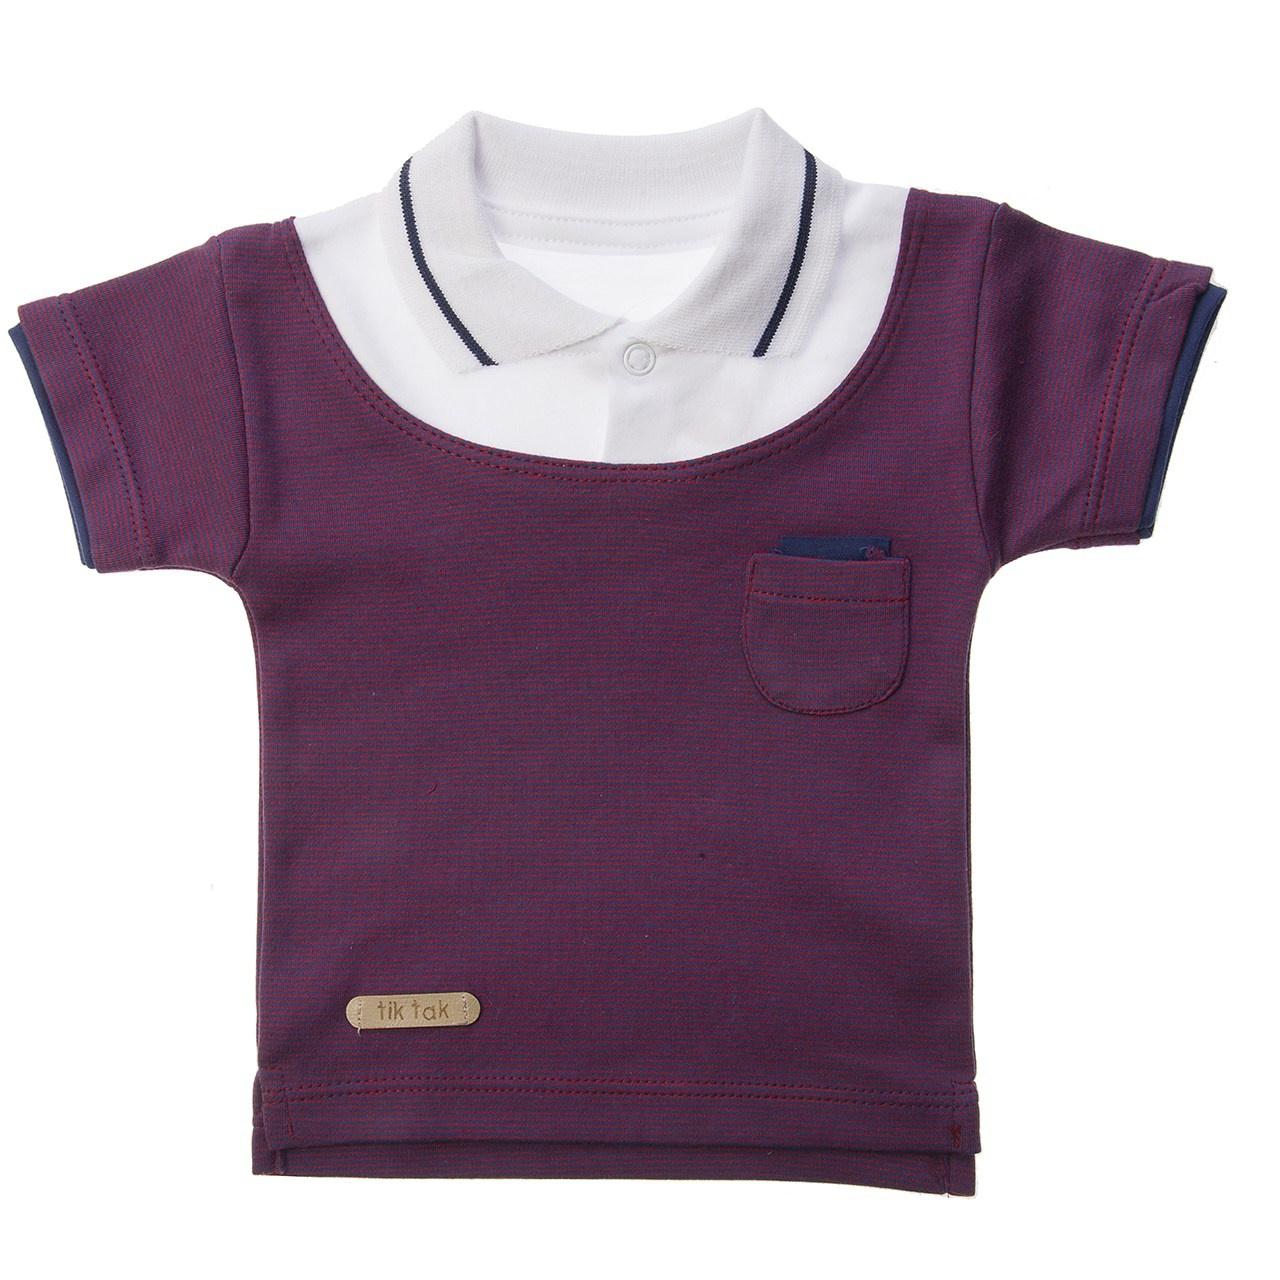 تی شرت آستین کوتاه تیک تاک طرح ژاکارد